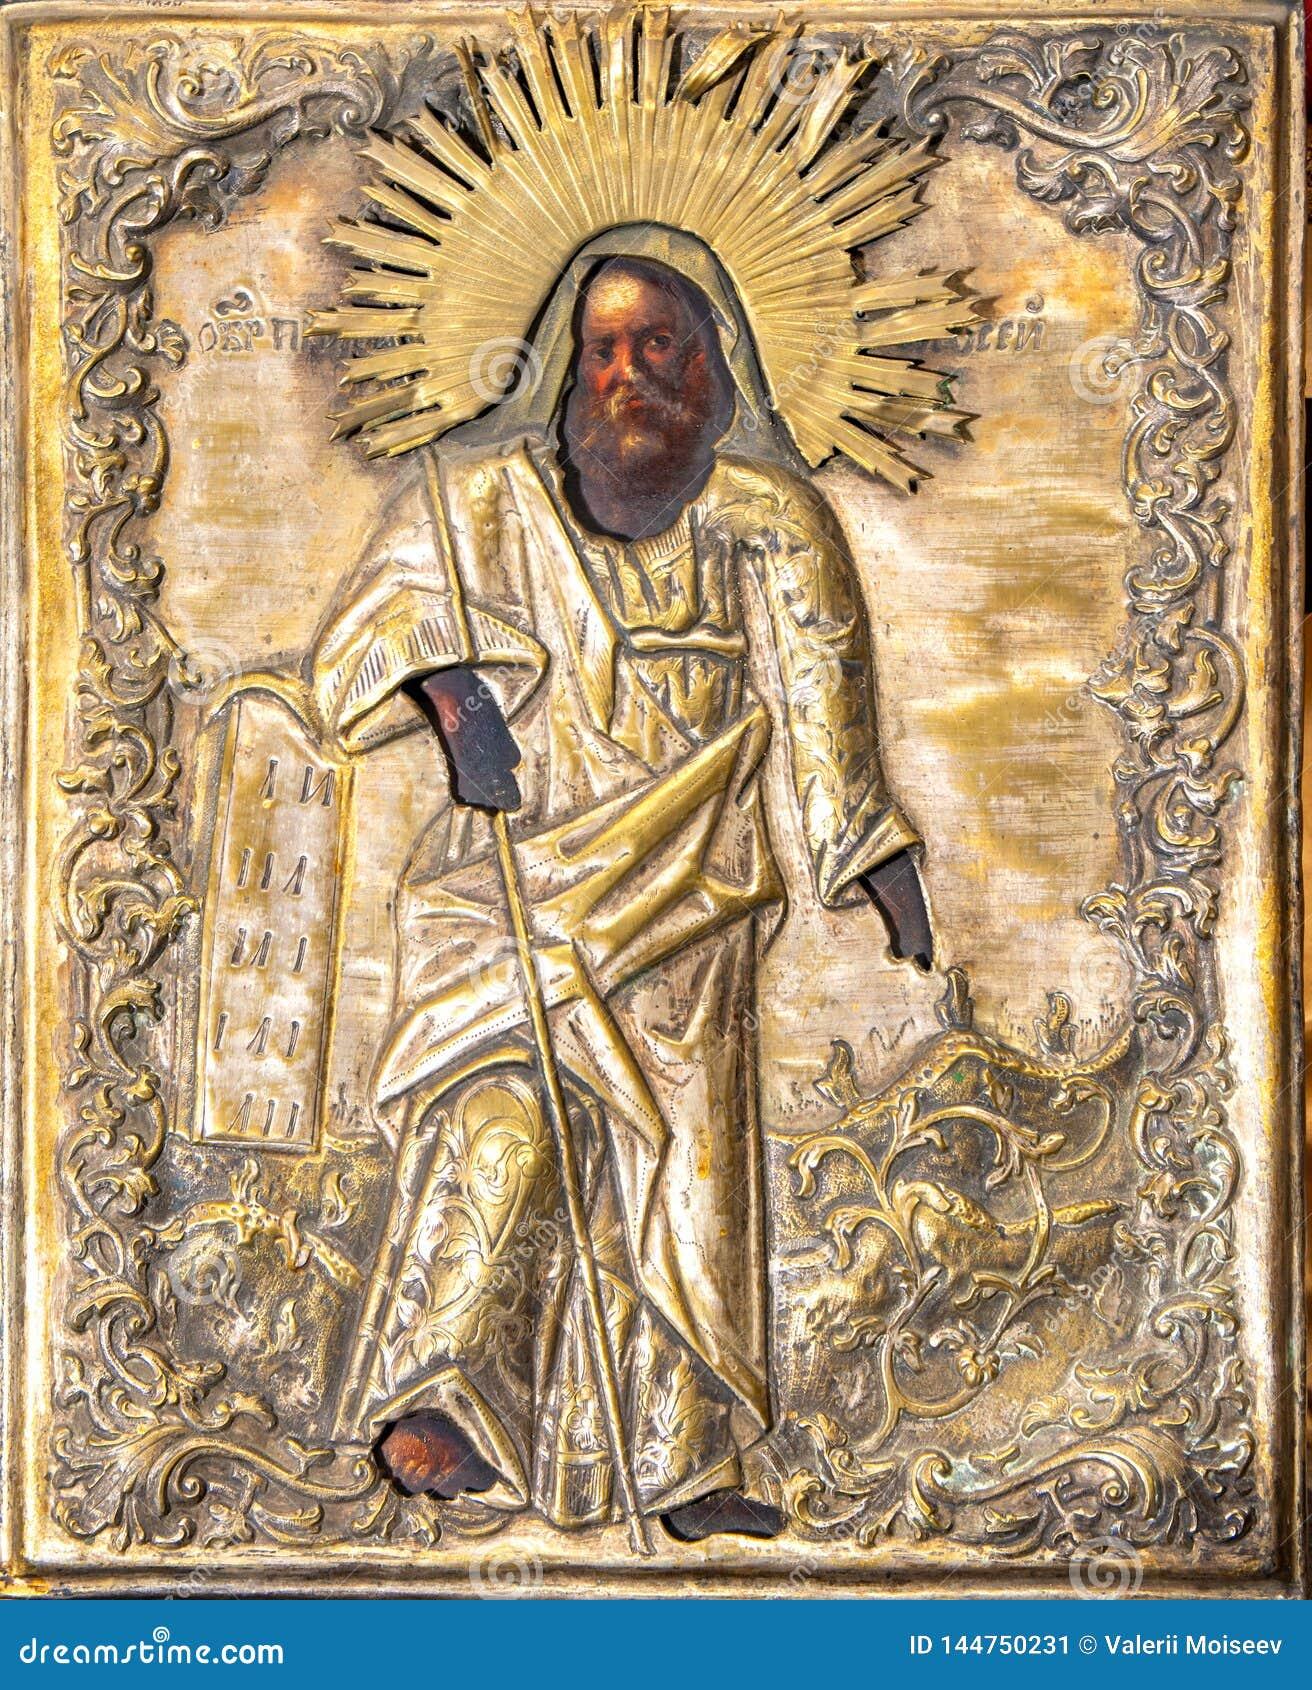 Vieille icône orthodoxe de la Russie, Riazan le 1er février 2019 - du 19ème siècle sur la toile en bois